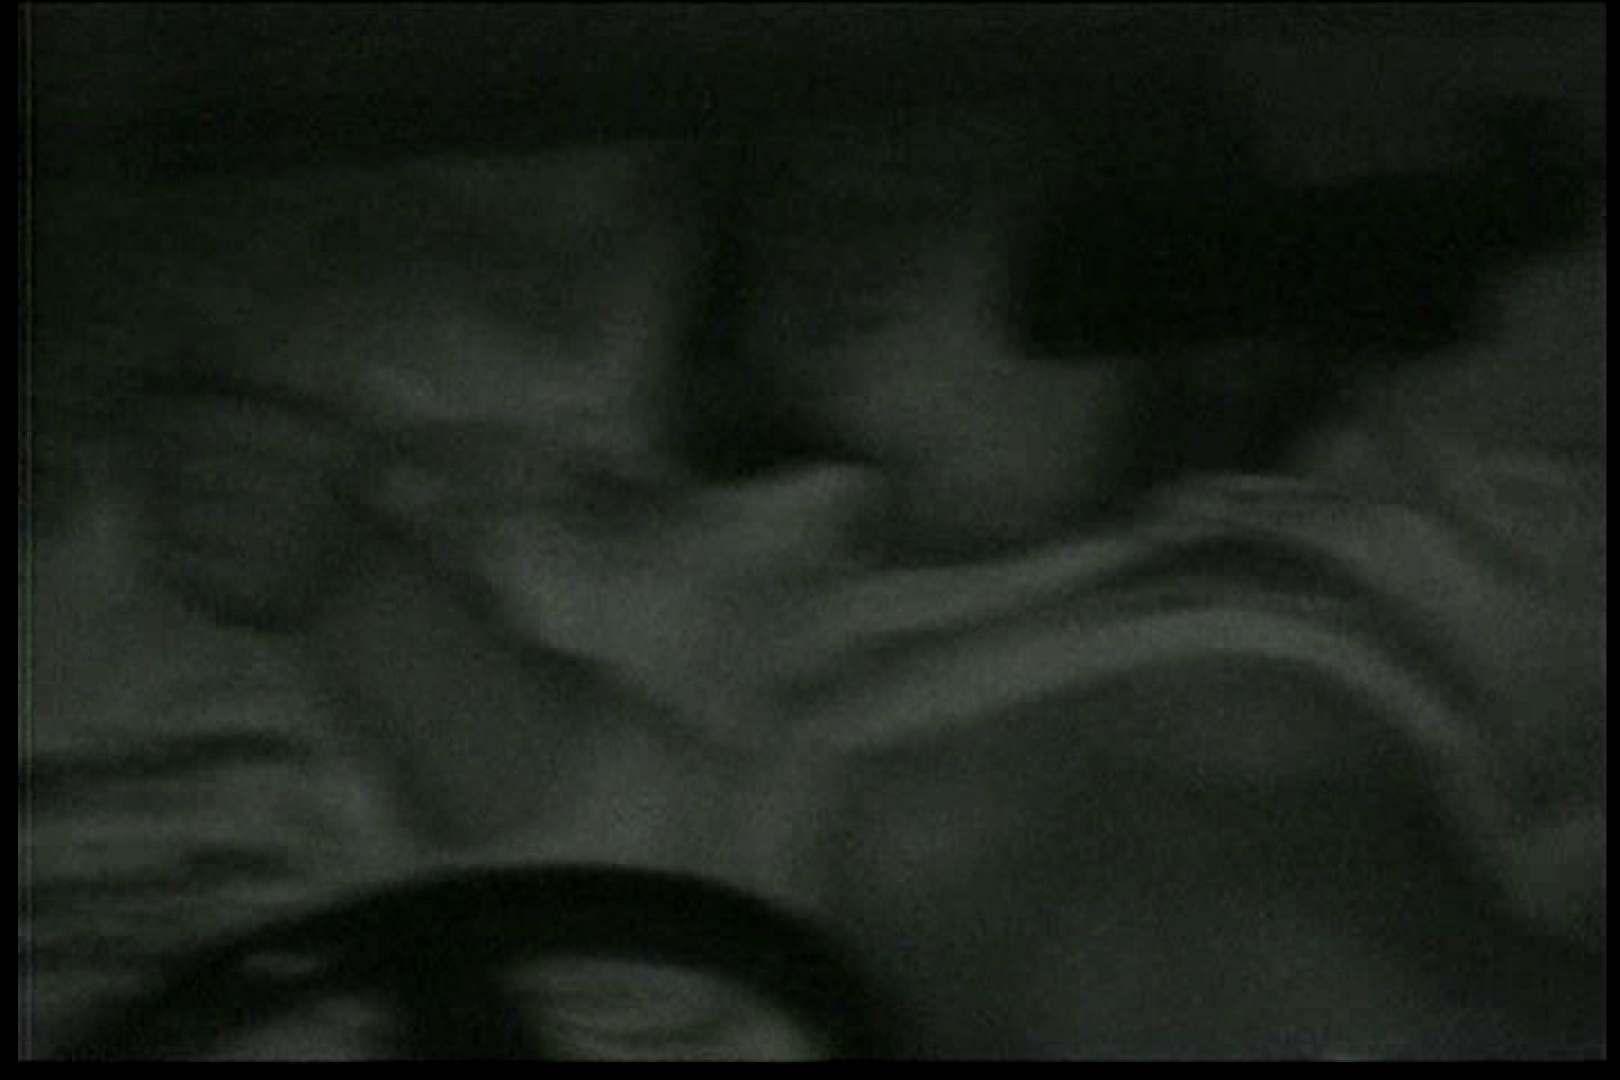 車の中はラブホテル 無修正版  Vol.13 マンコ映像 のぞき動画画像 80連発 3